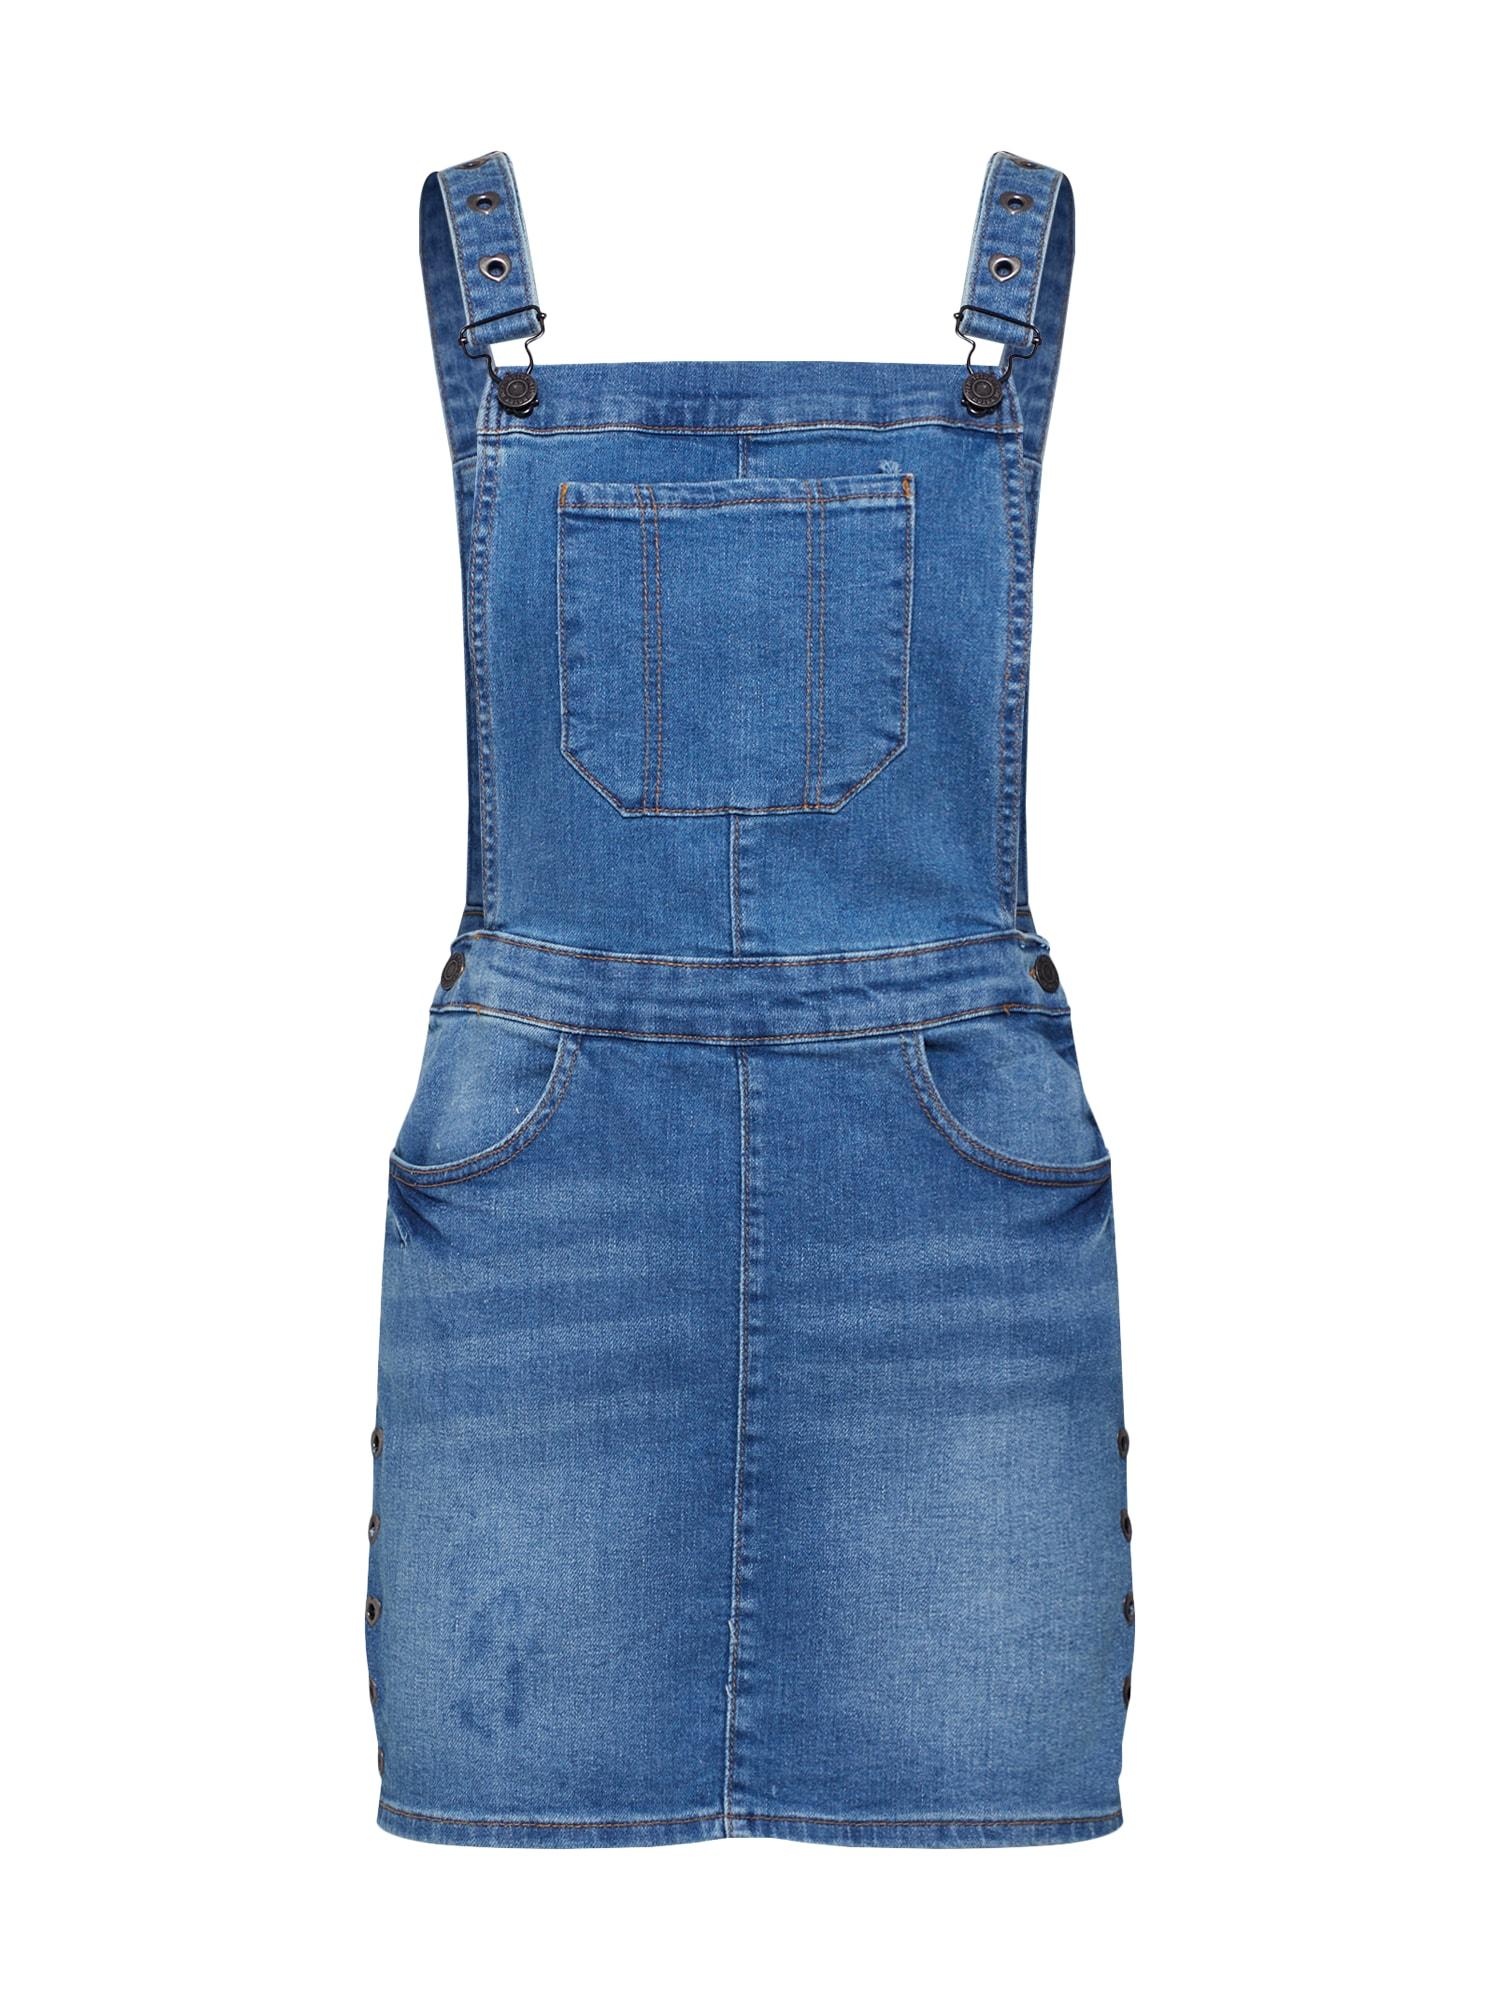 Laclová sukně IRIS DUNGAREE modrá džínovina Noisy May